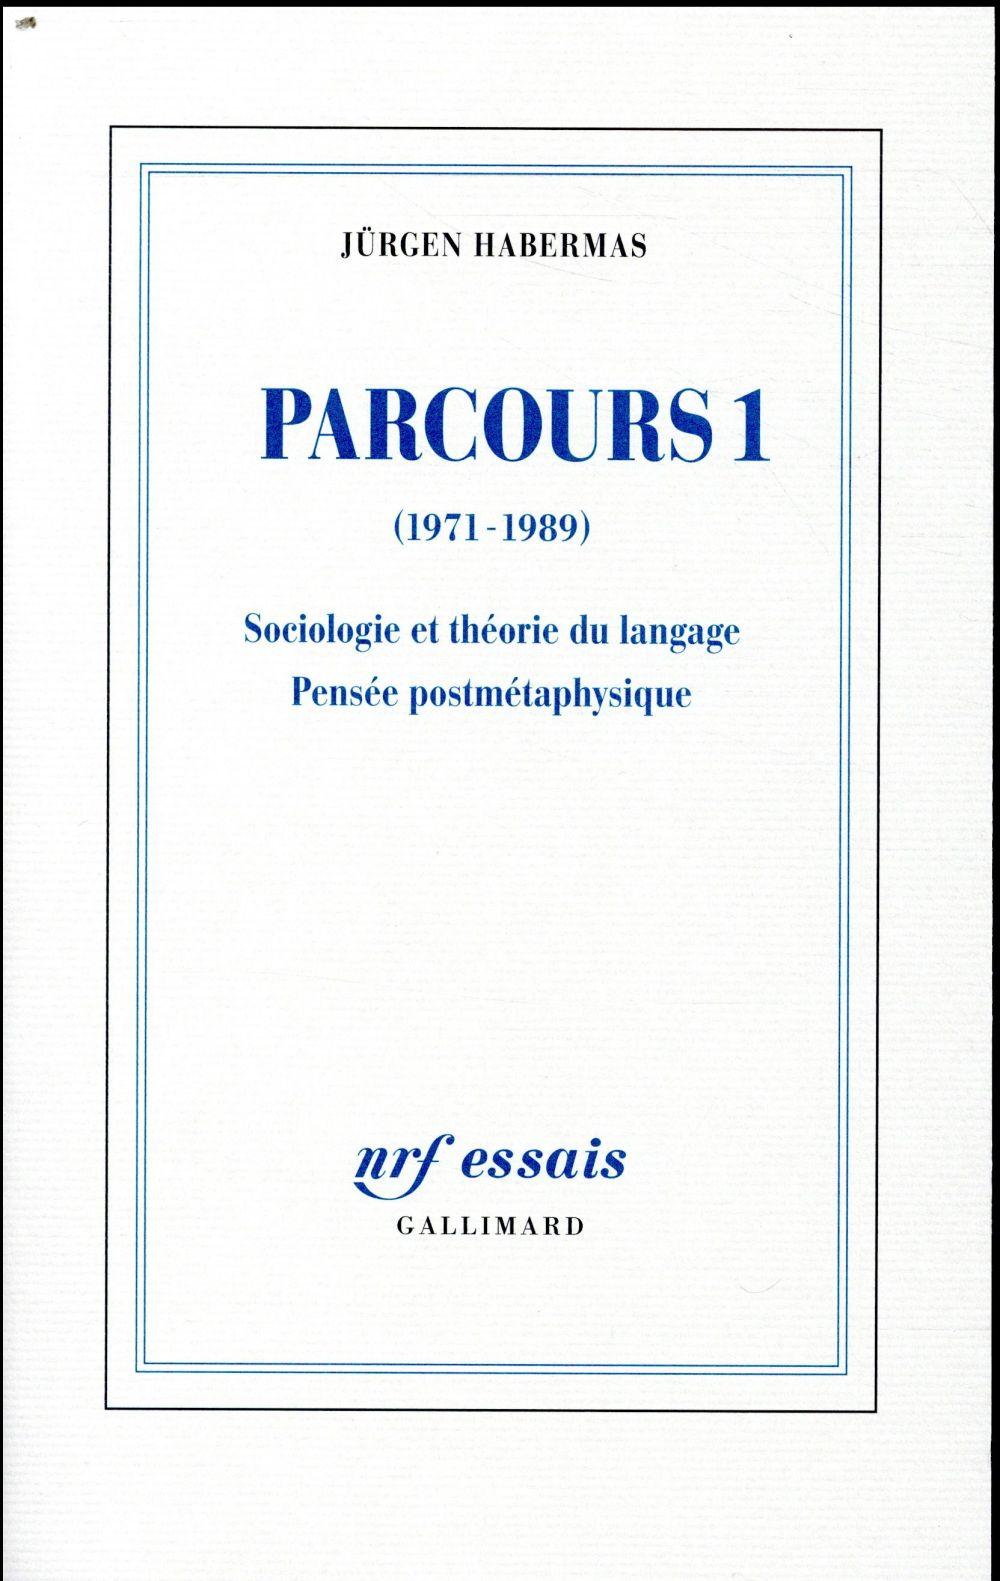 Parcours 1 (1971-1989) ; sociologie et théorie du langage, pensée postmétaphysique